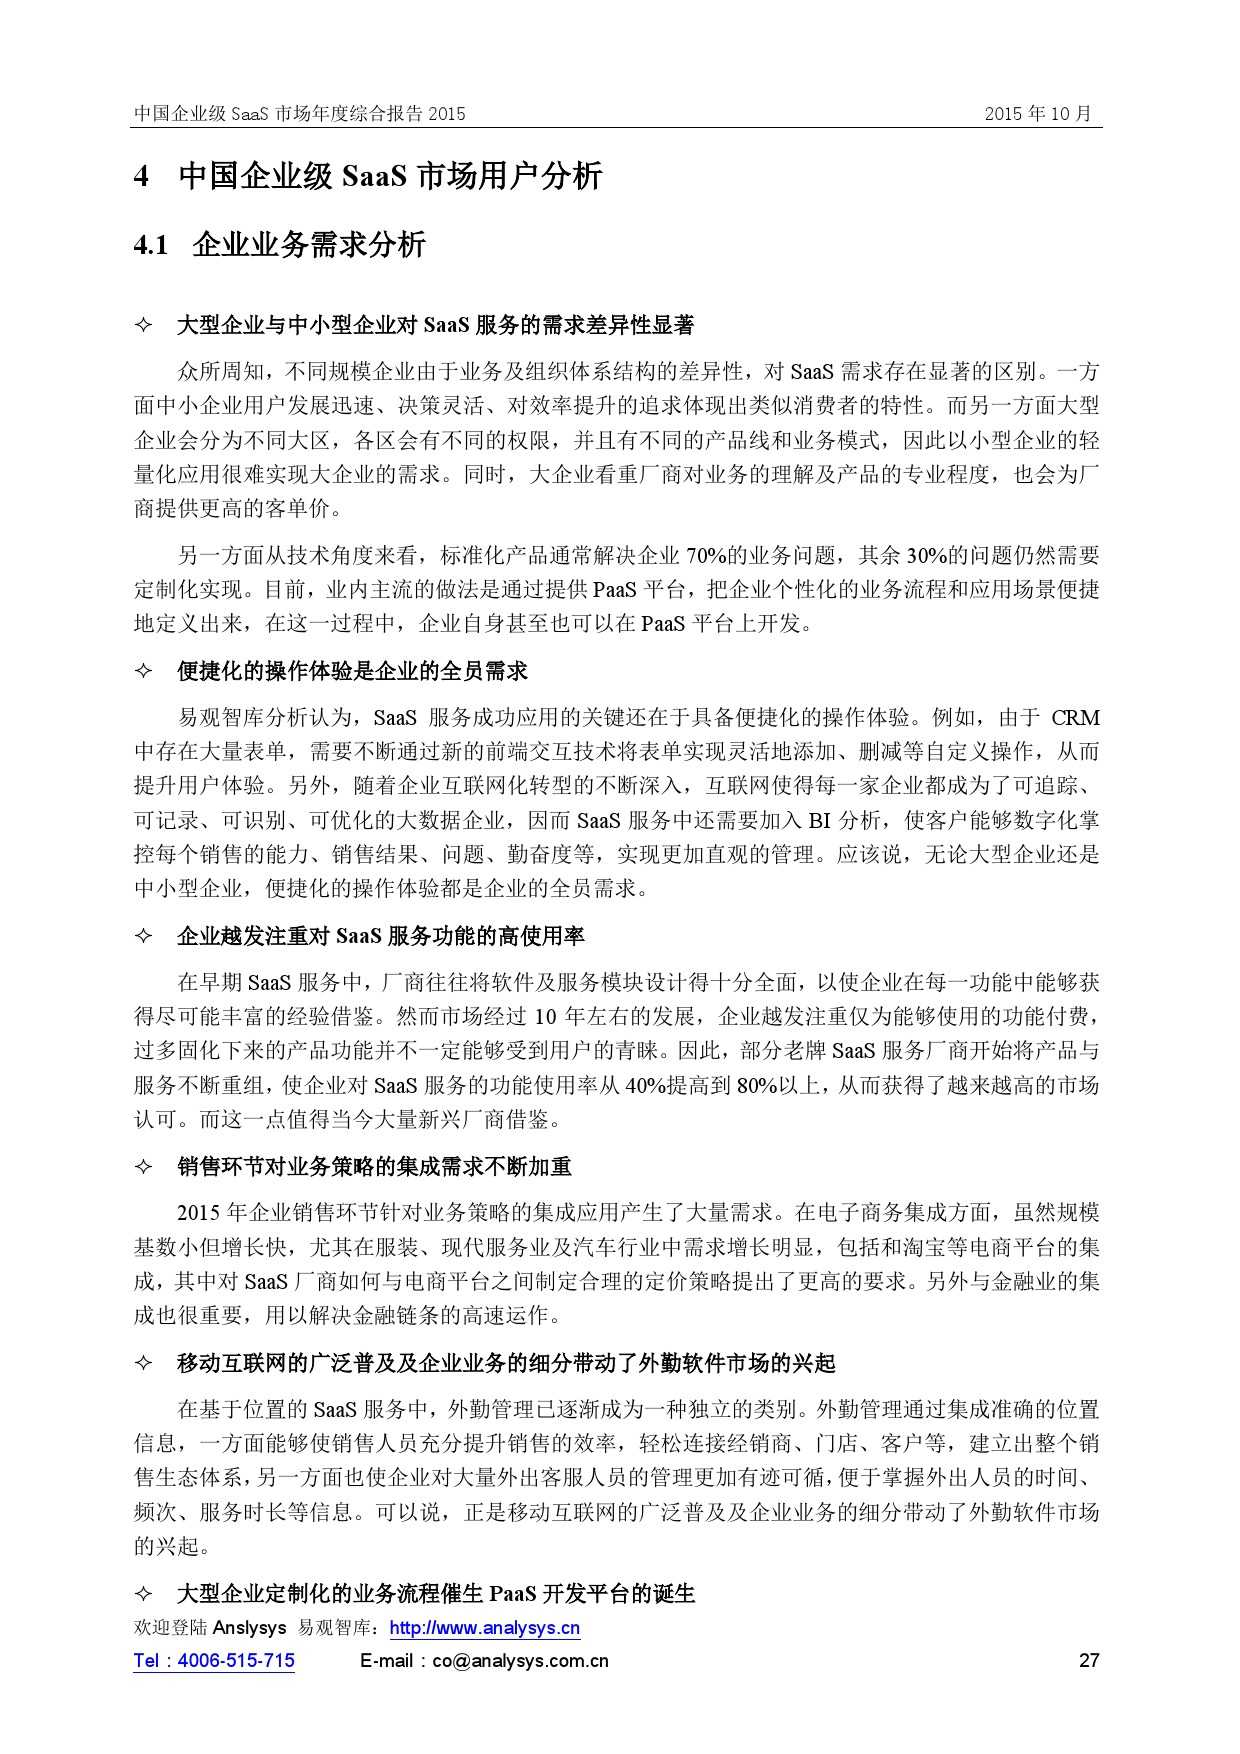 中国企业级SaaS市场年度综合报告2015 01_000027